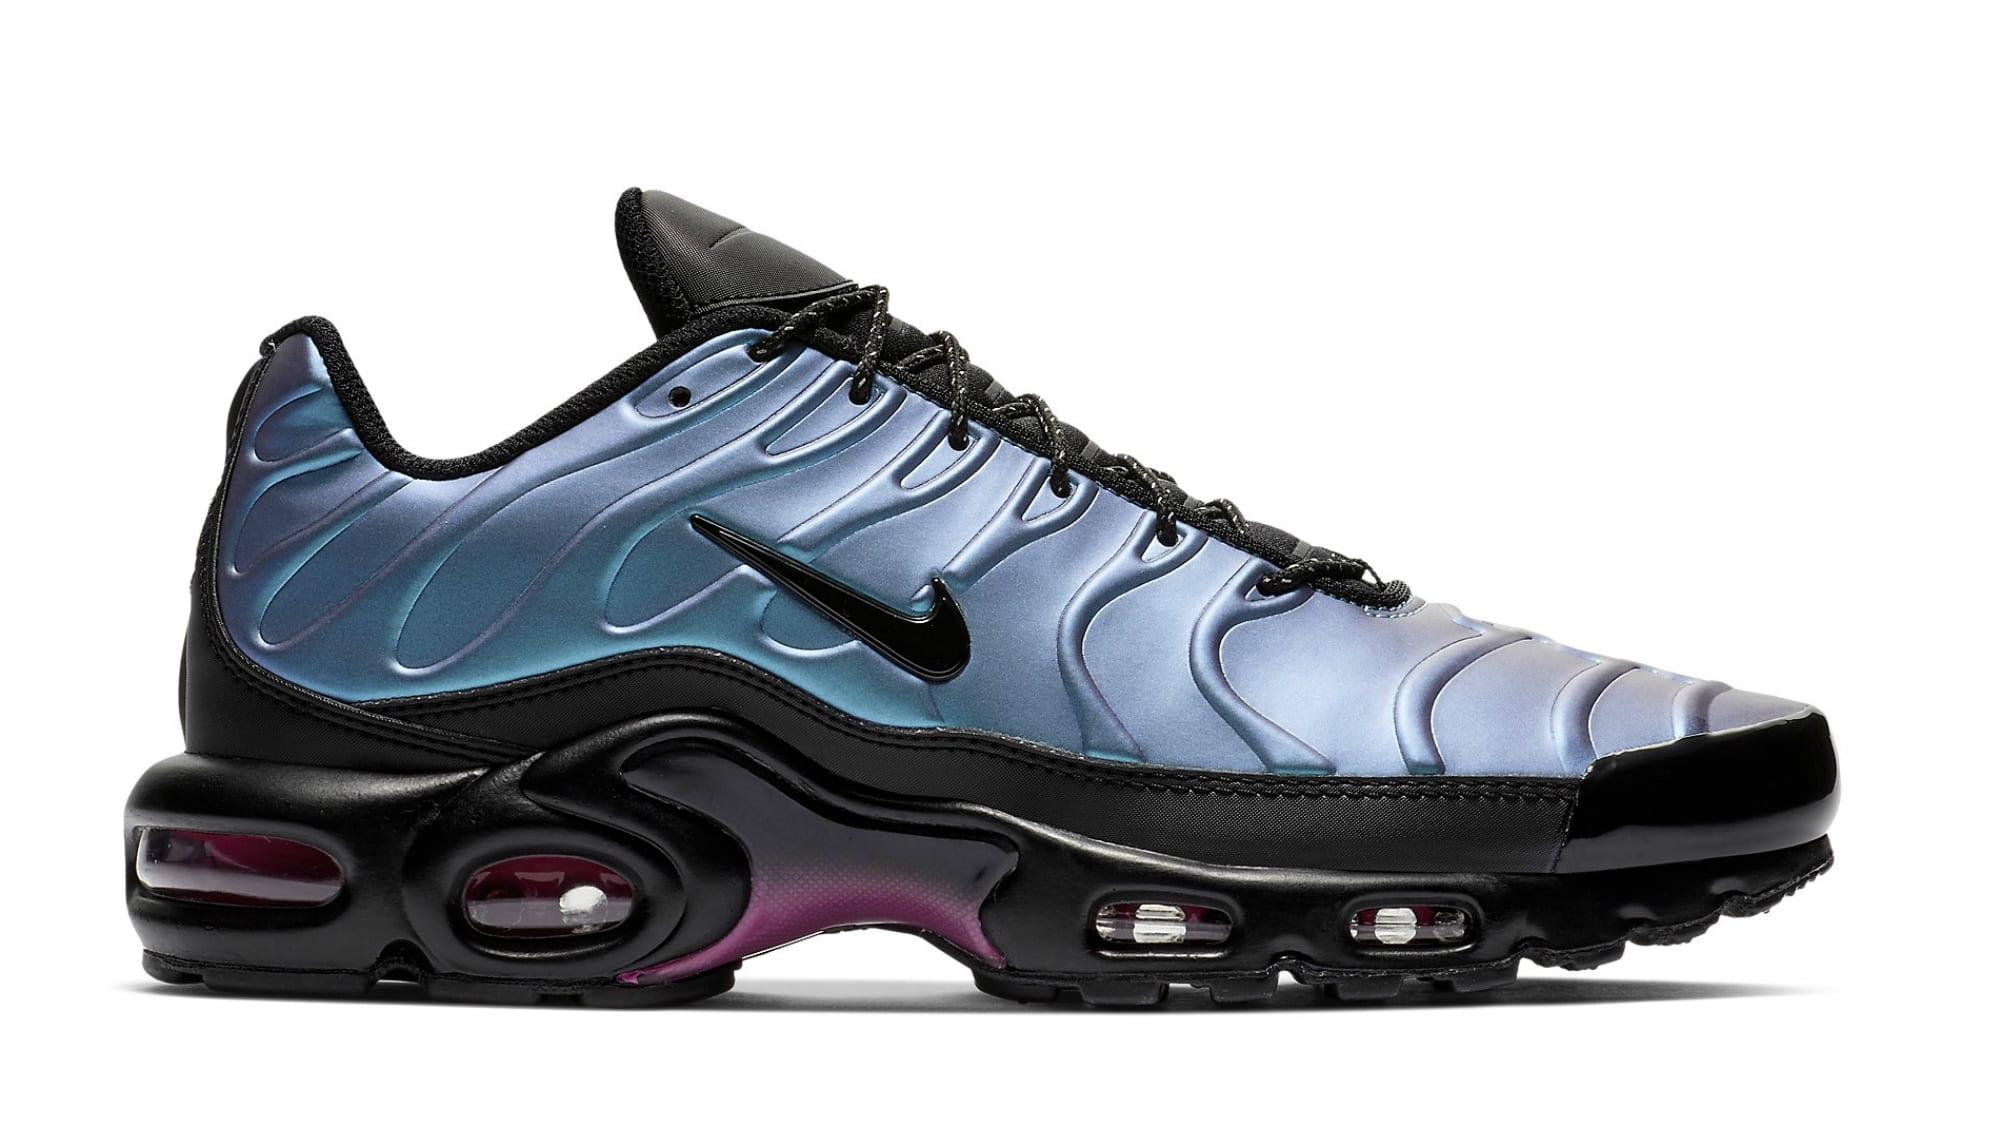 buy online 1b863 41dd3 Image via Nike nike-air-max-plus-throwback-future-aj2013-006-